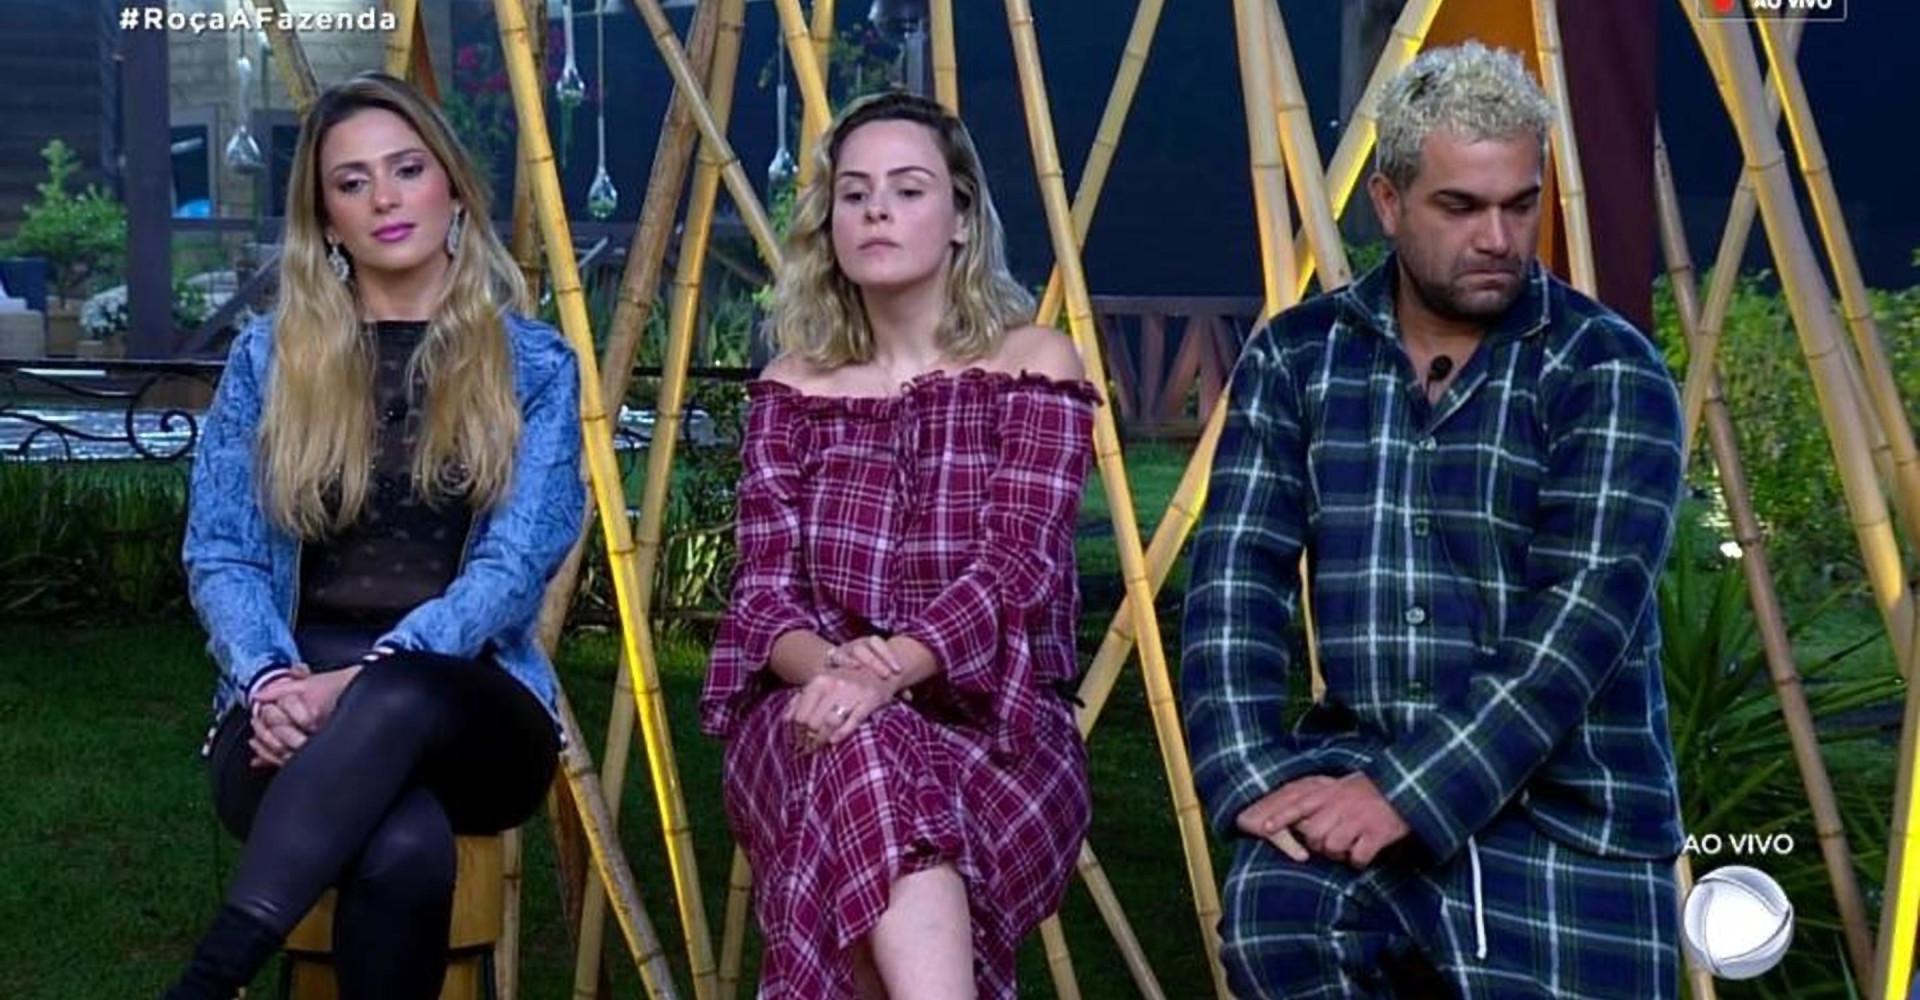 A Fazenda: Nadja Pessoa, Ana Paula Renault e Evandro Santo estão na roça